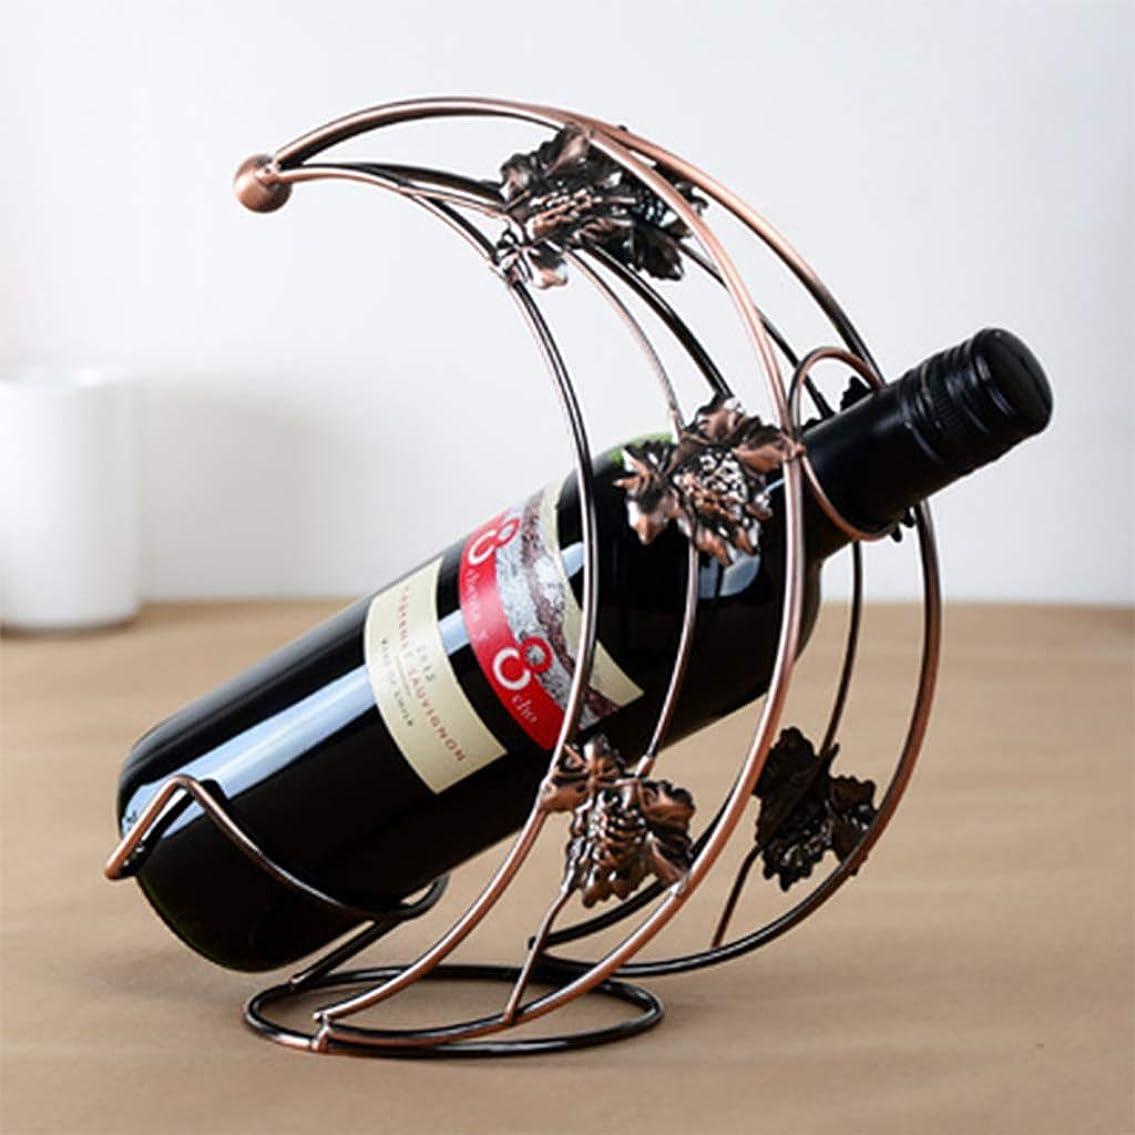 酔う回転豊かにするクリエイティブ?ムーンシェイプワインラックワイングラスホルダー実用的なワインホルダー展示棚の装飾金具バー用品